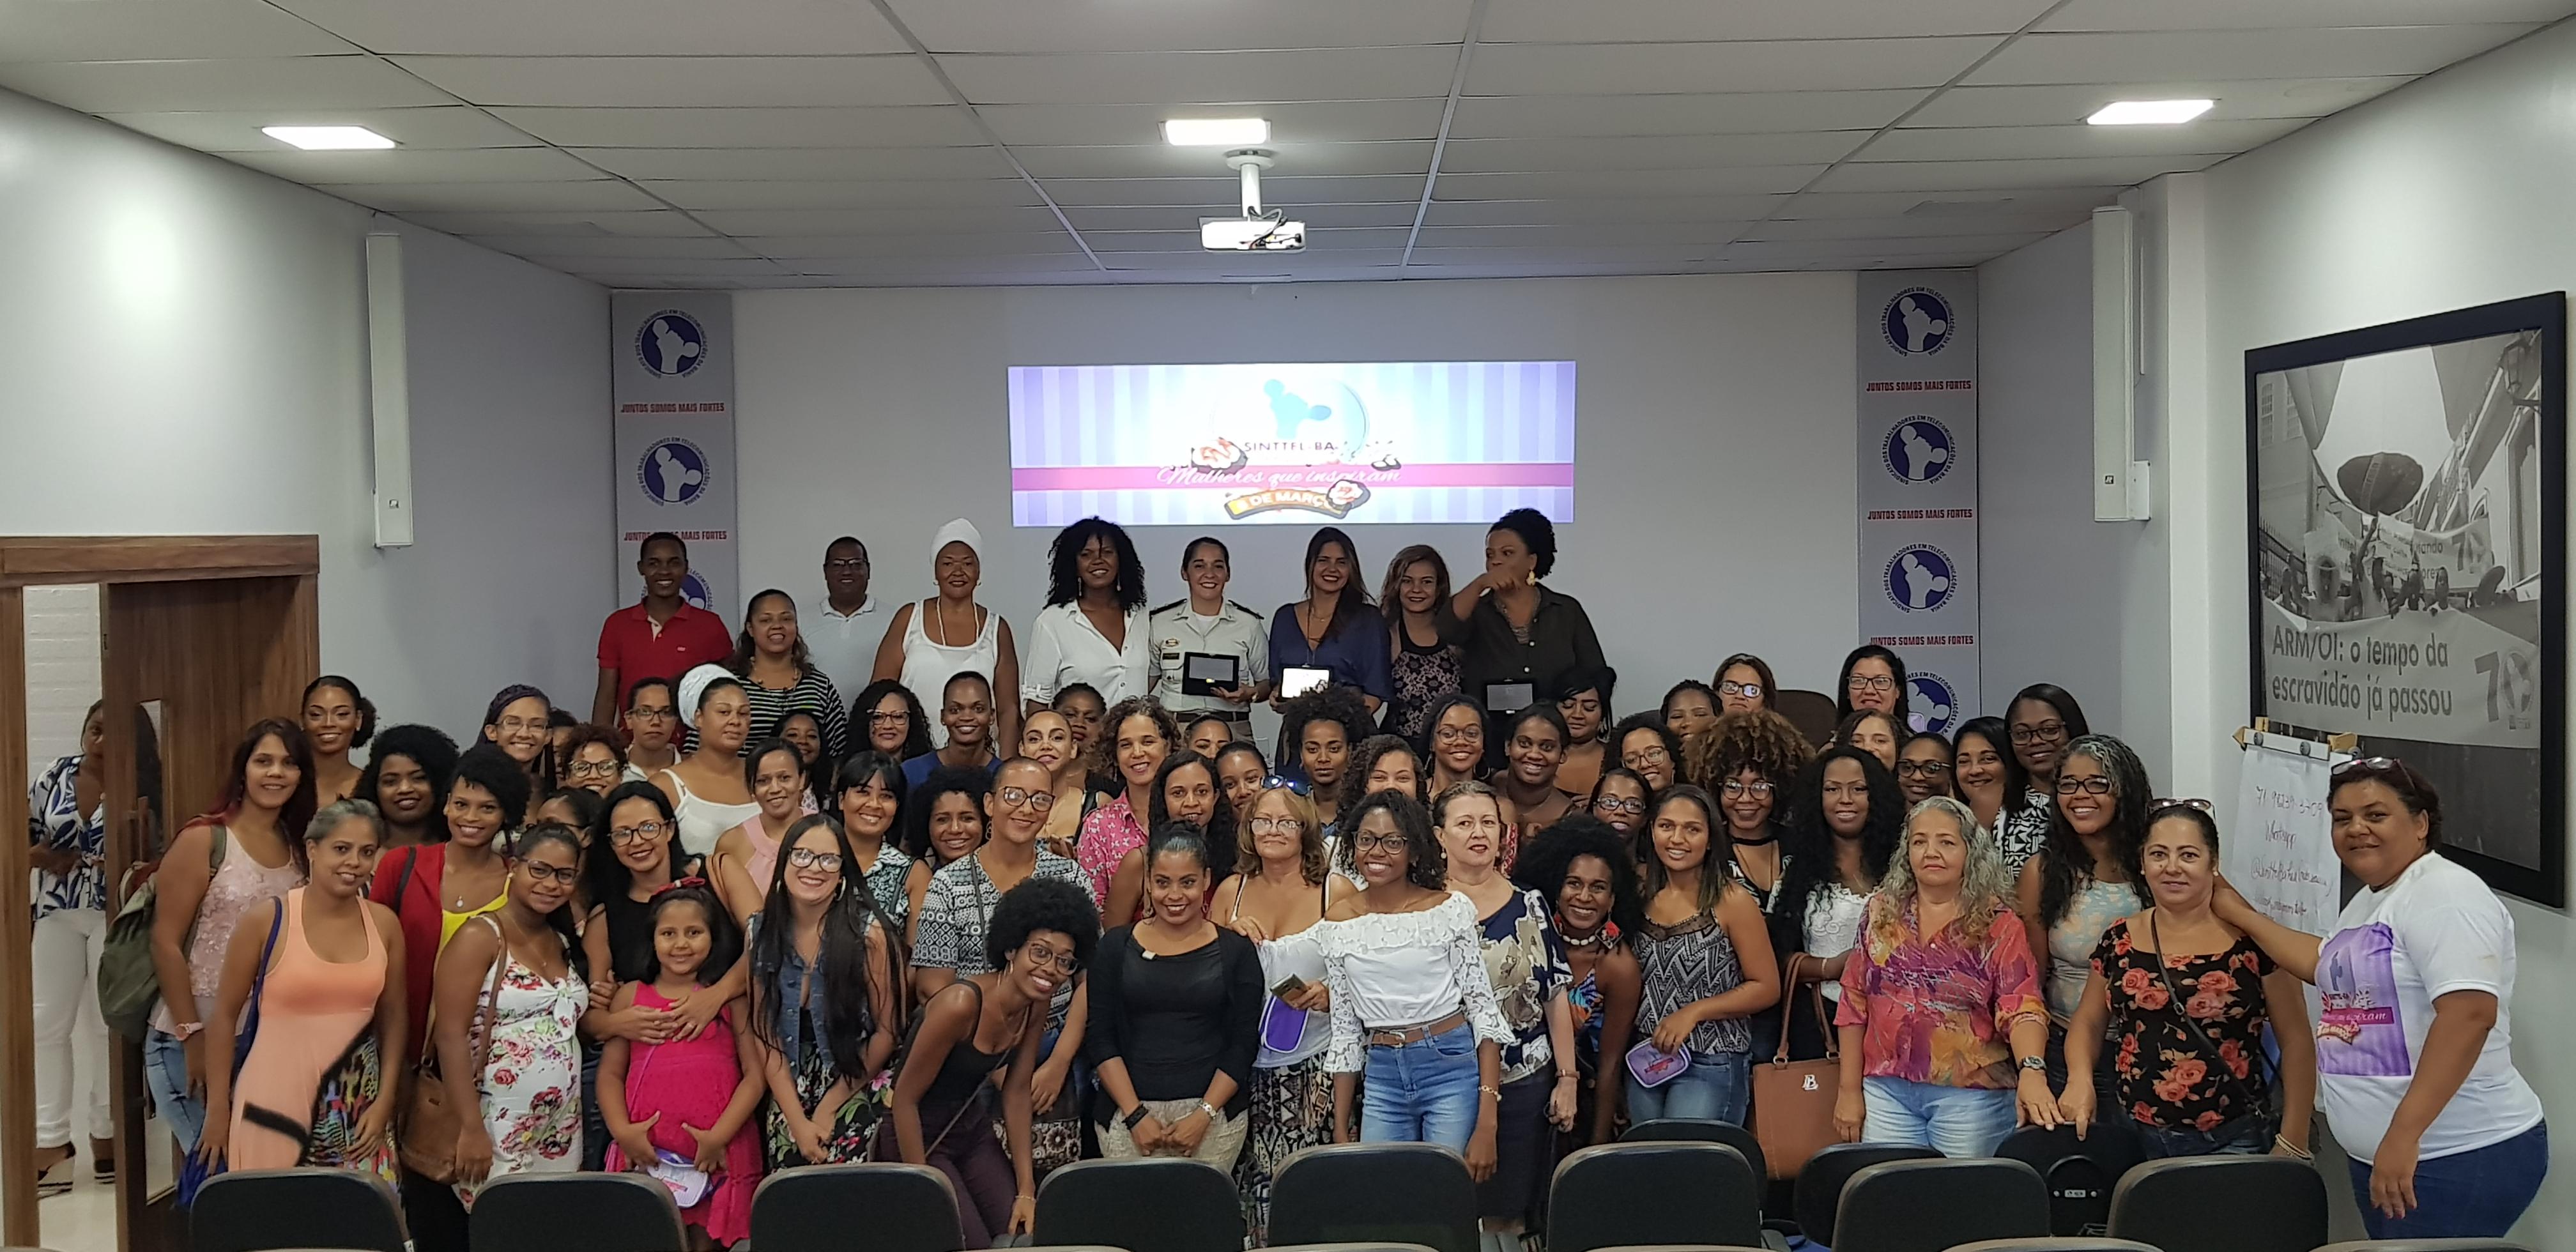 Sinttel realiza evento 'Mulheres que Inspiram', em homenagem às mulheres telefônicas